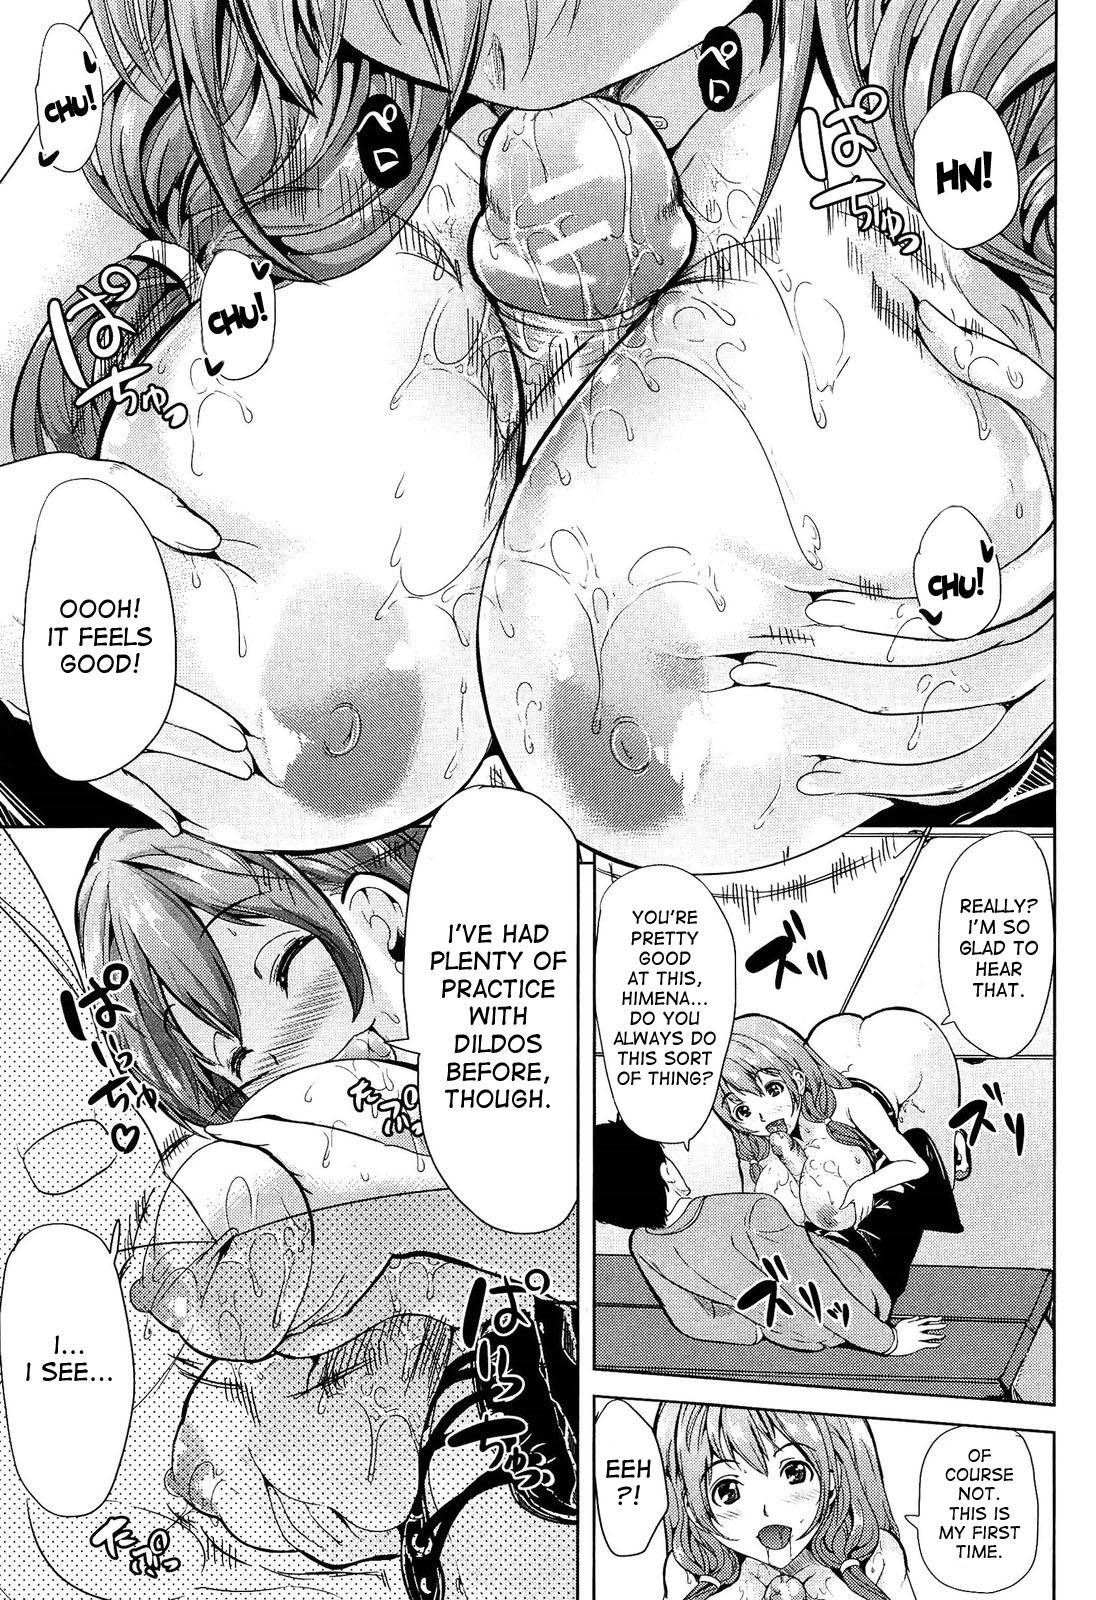 Kainushi-sama ni Natte yo ne! 30